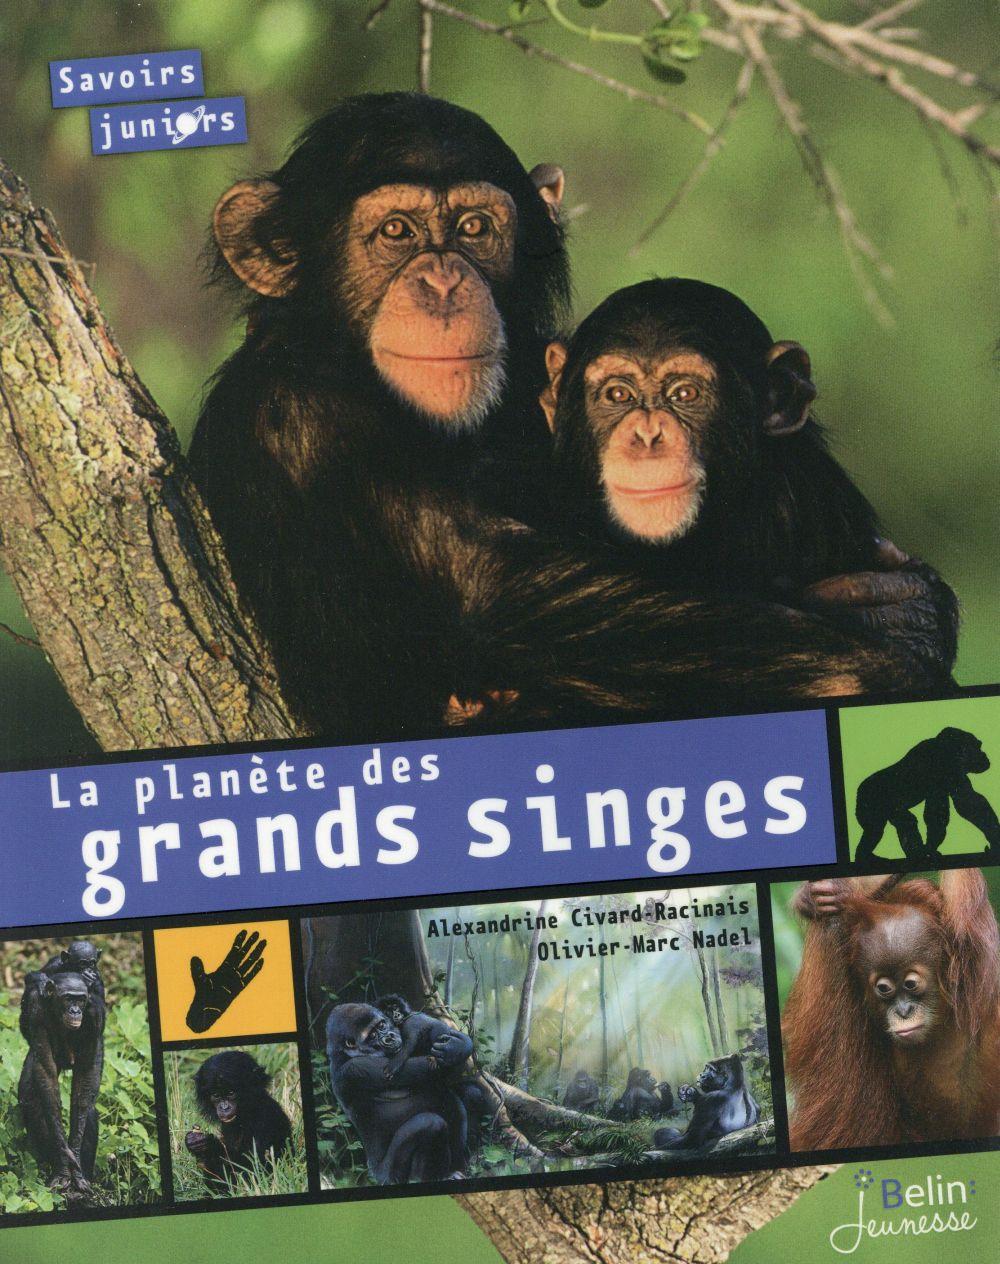 La planète des grands singes